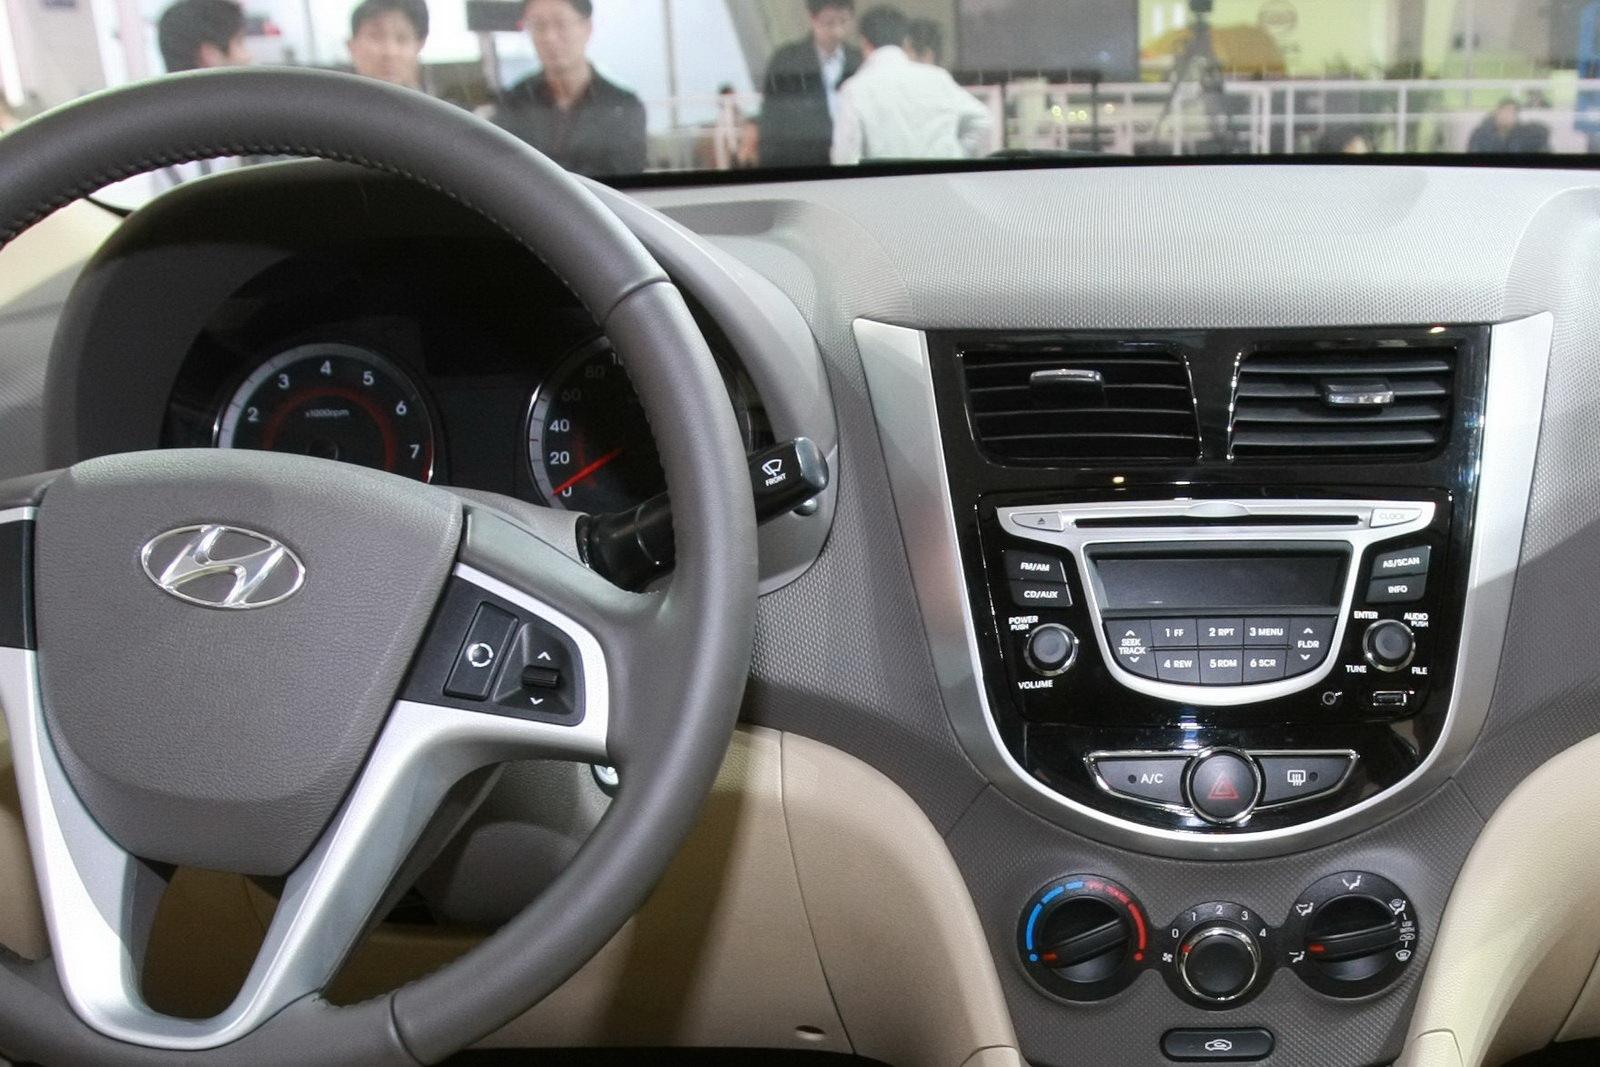 http://1.bp.blogspot.com/_FoXyvaPSnVk/S9He-_G2rsI/AAAAAAACxXg/-1WjKnB88B8/s1600/2011-Hyundai-Accent-Verna-21.jpg